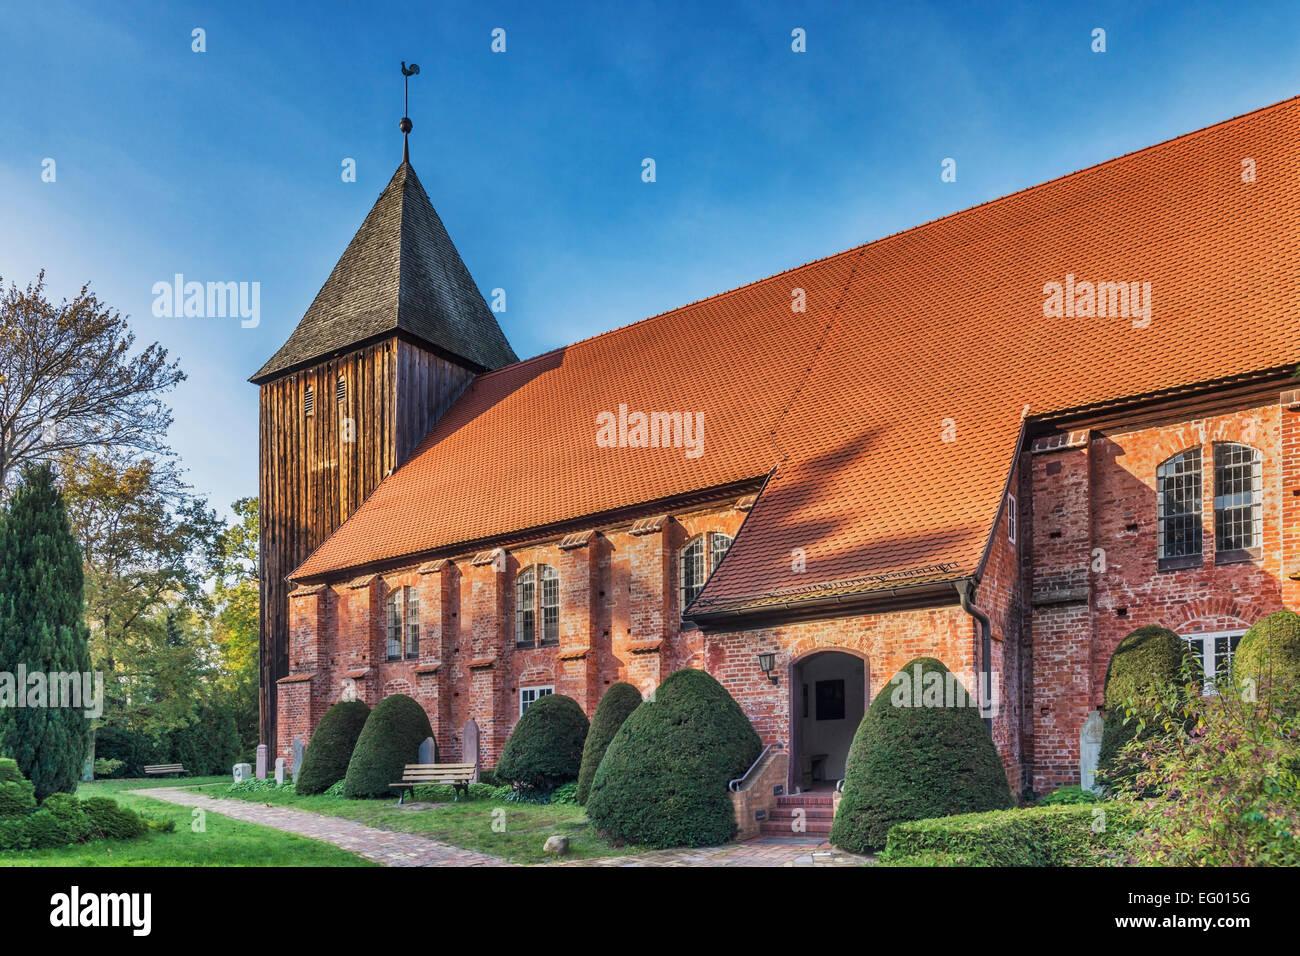 Le Seamens Church Prerow a été construit de 1726 à 1728, Fischland-Darss-Zingst, Mecklembourg-Poméranie-Occidentale, Allemagne, Europe Banque D'Images